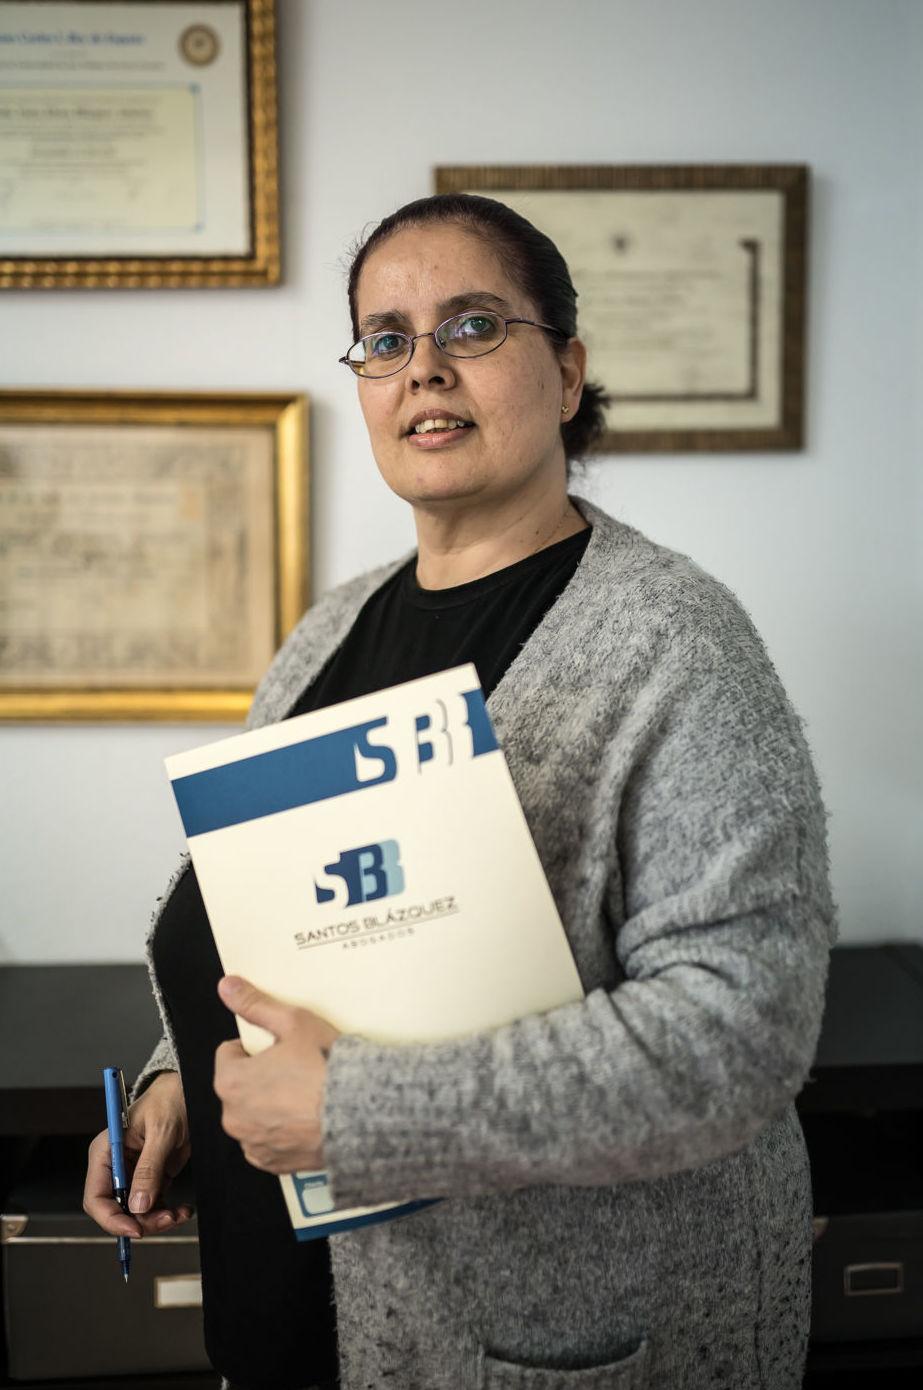 Foto 49 de Abogados en  | Santos Blázquez